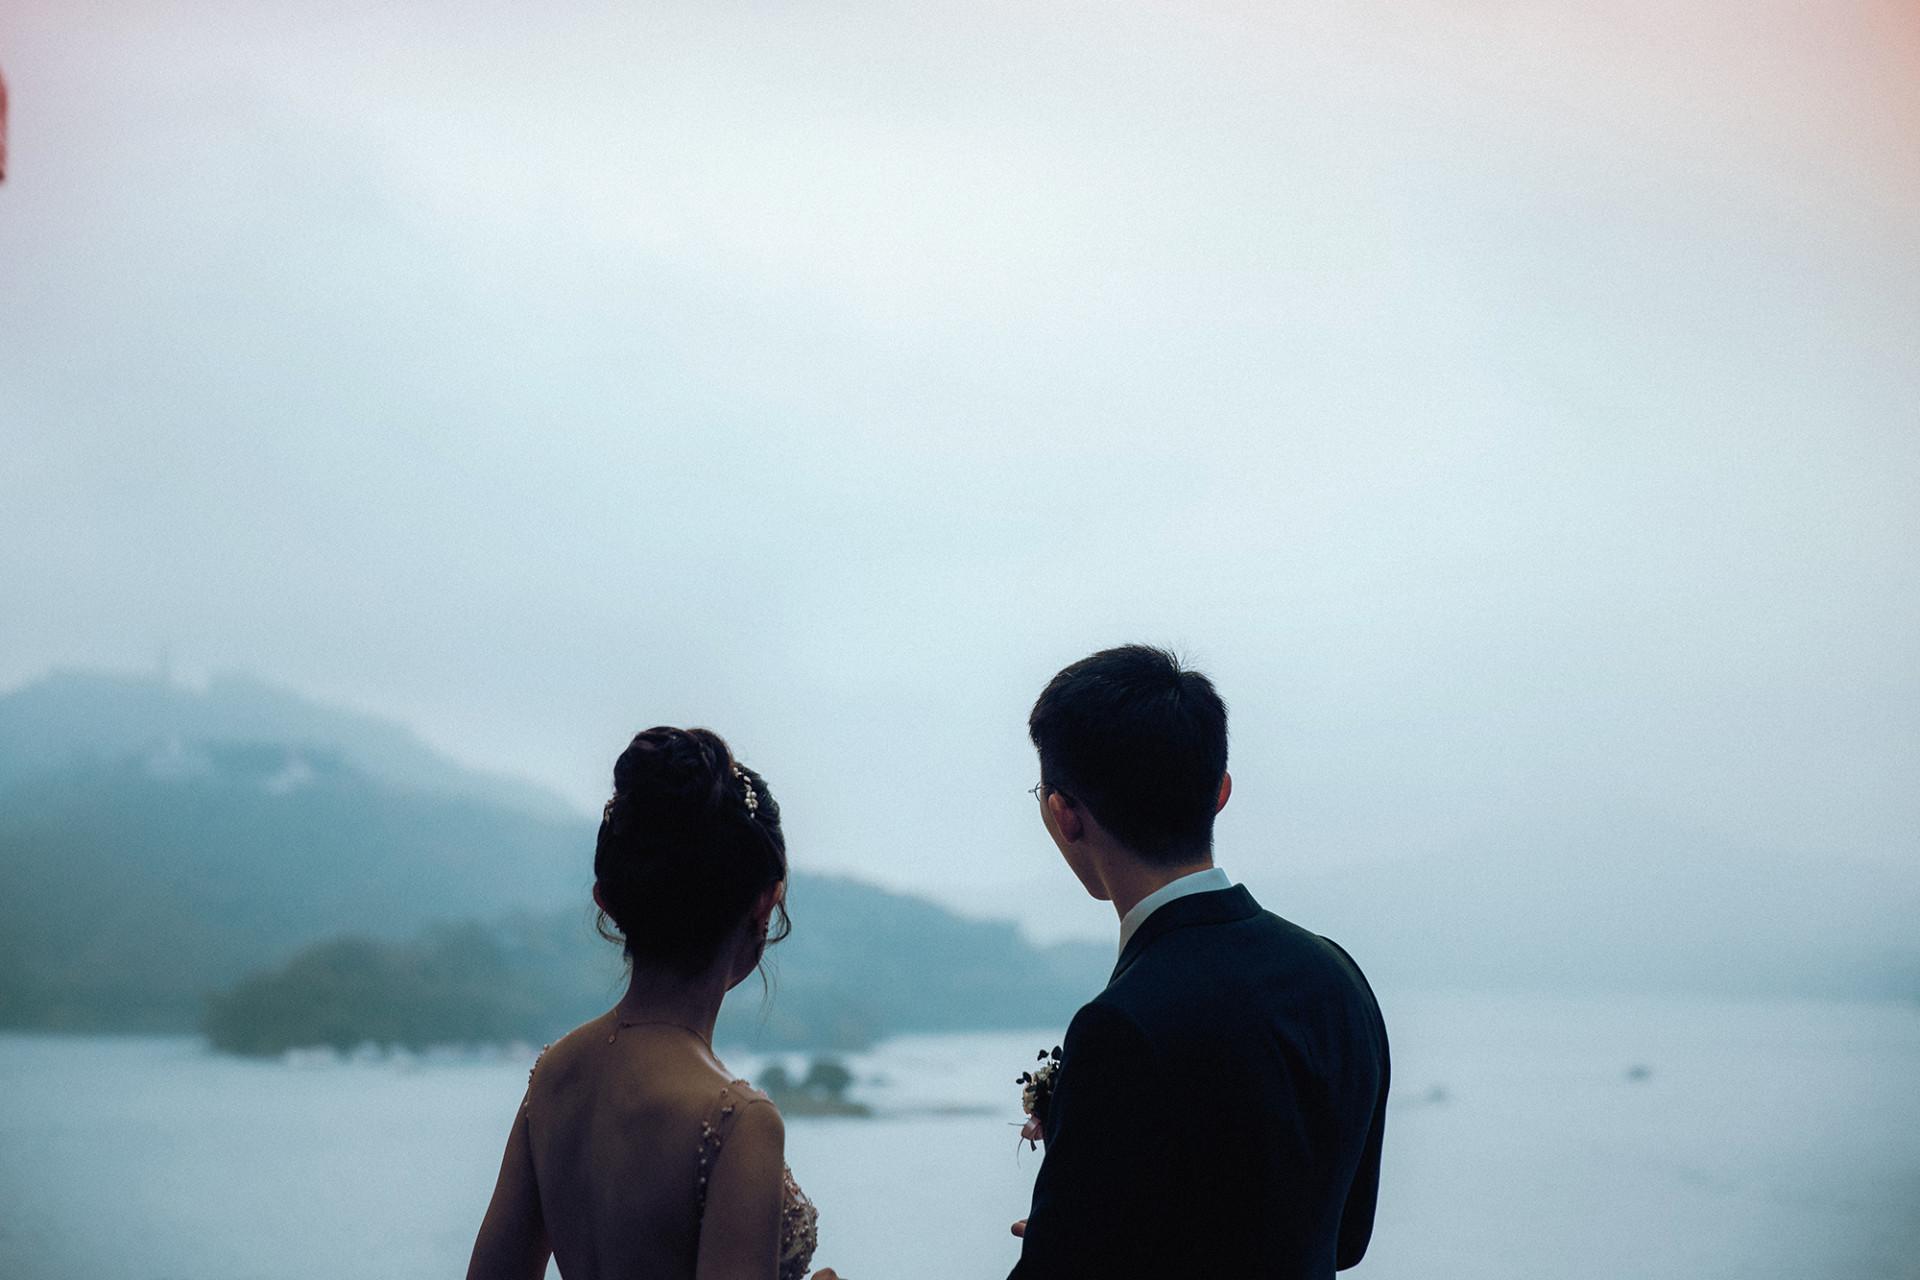 婚禮紀實,婚禮攝影,婚禮紀錄,日月潭涵碧樓 ,婚攝